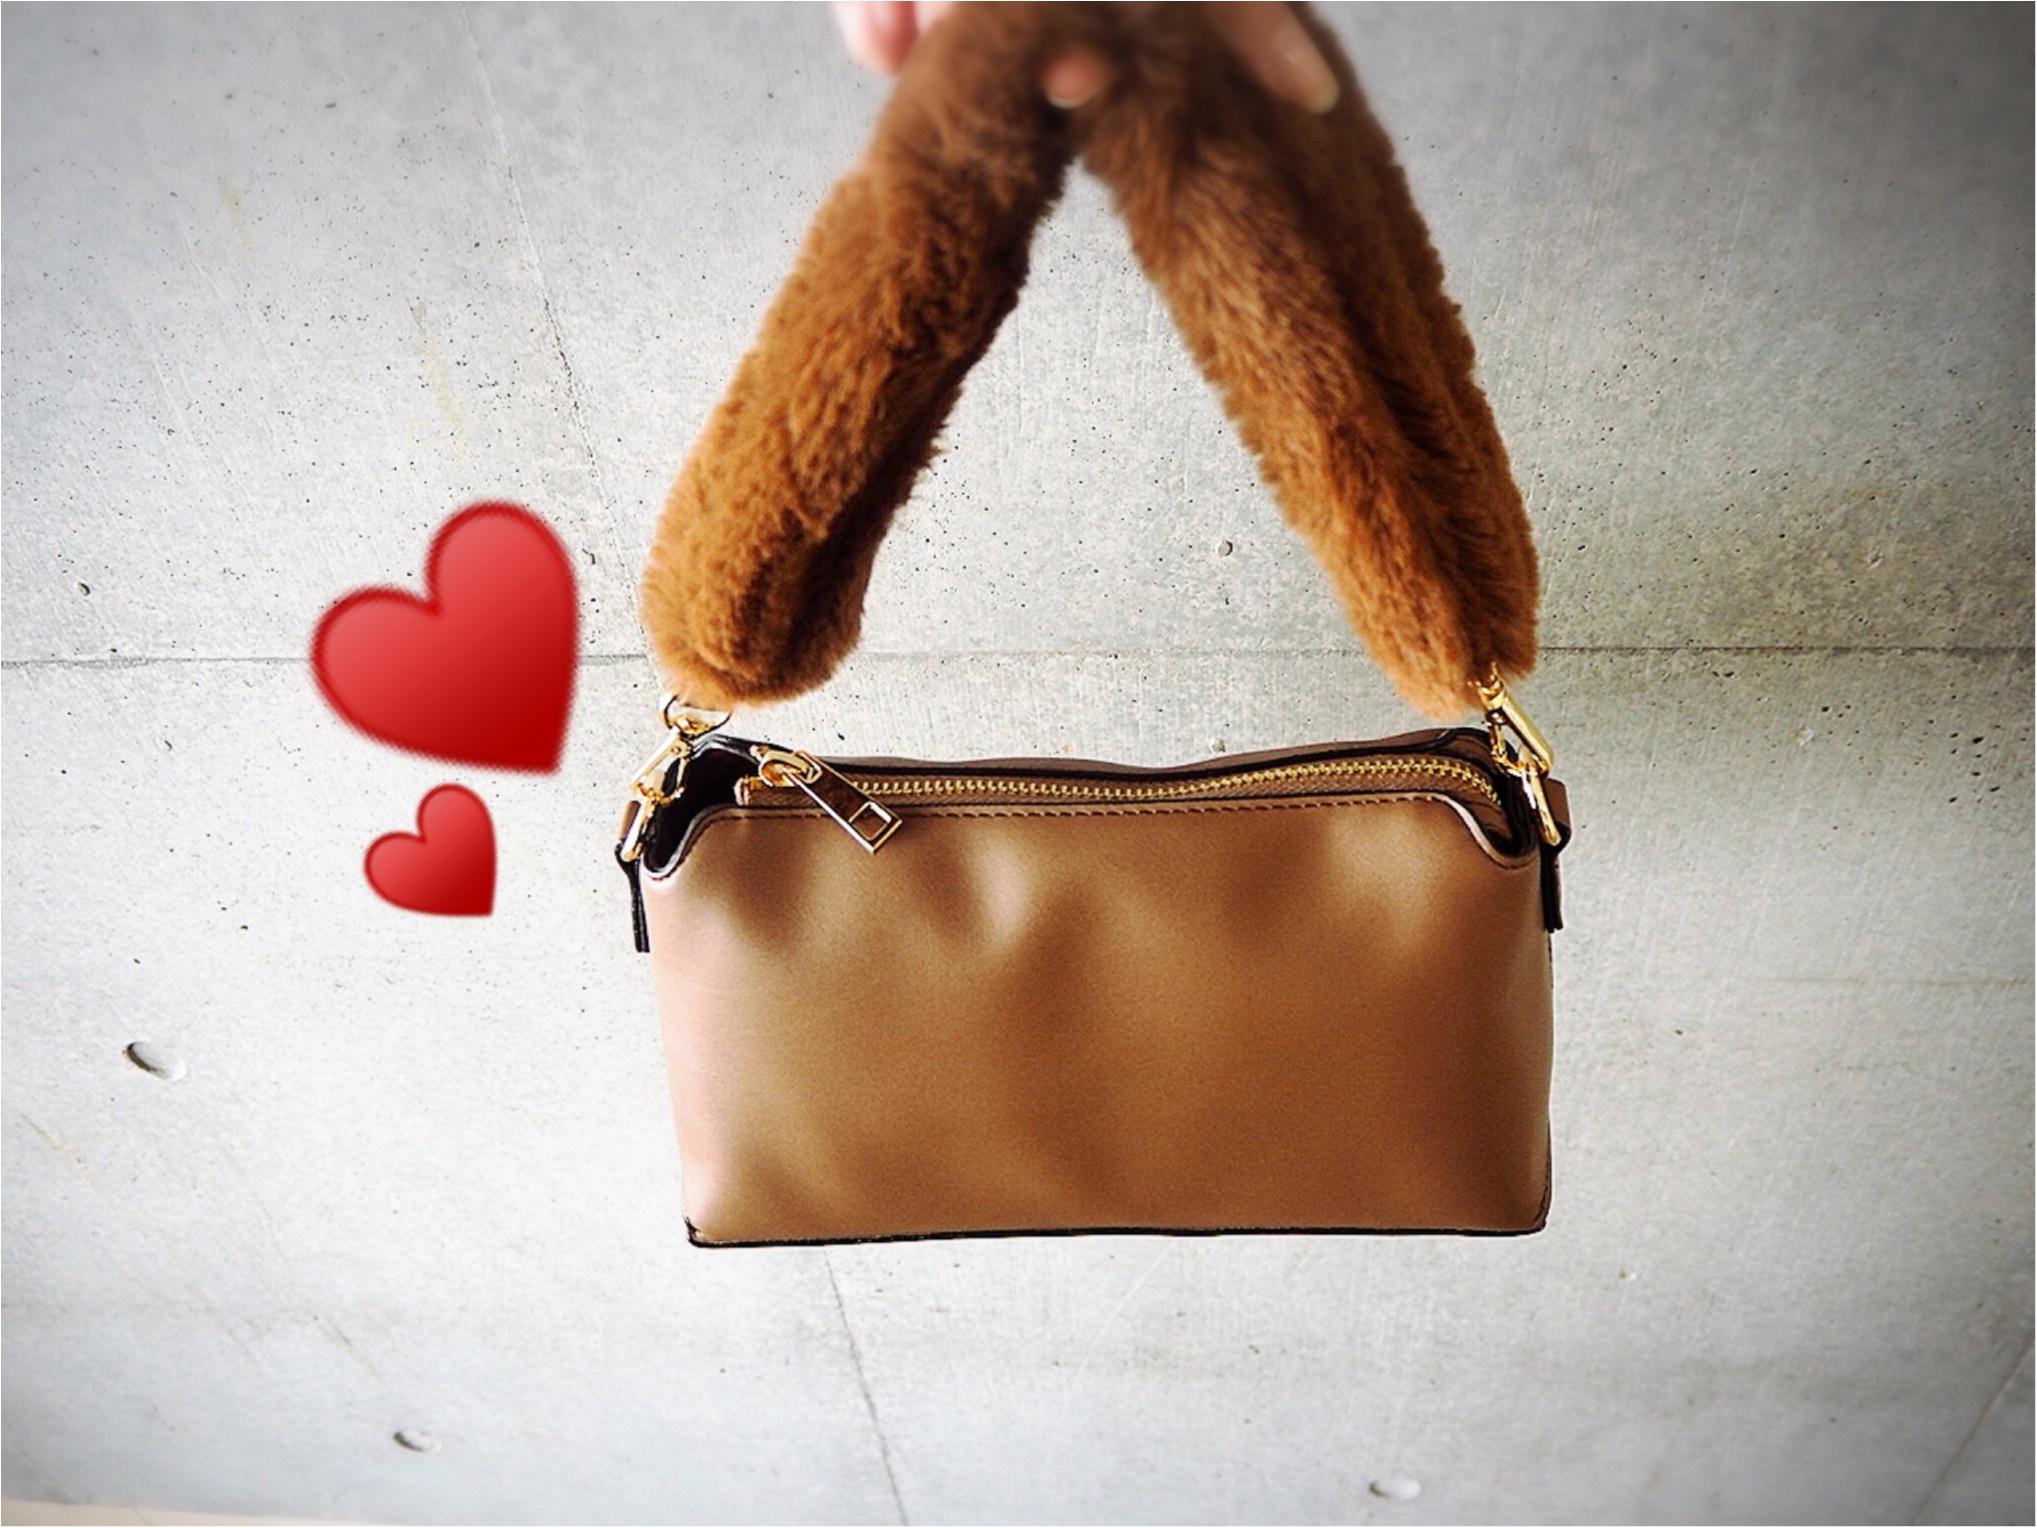 【秋はちょこっとファーを取り入れたいっ❤︎】2wayでとっても使えるバッグを見つけちゃいました❤︎_1